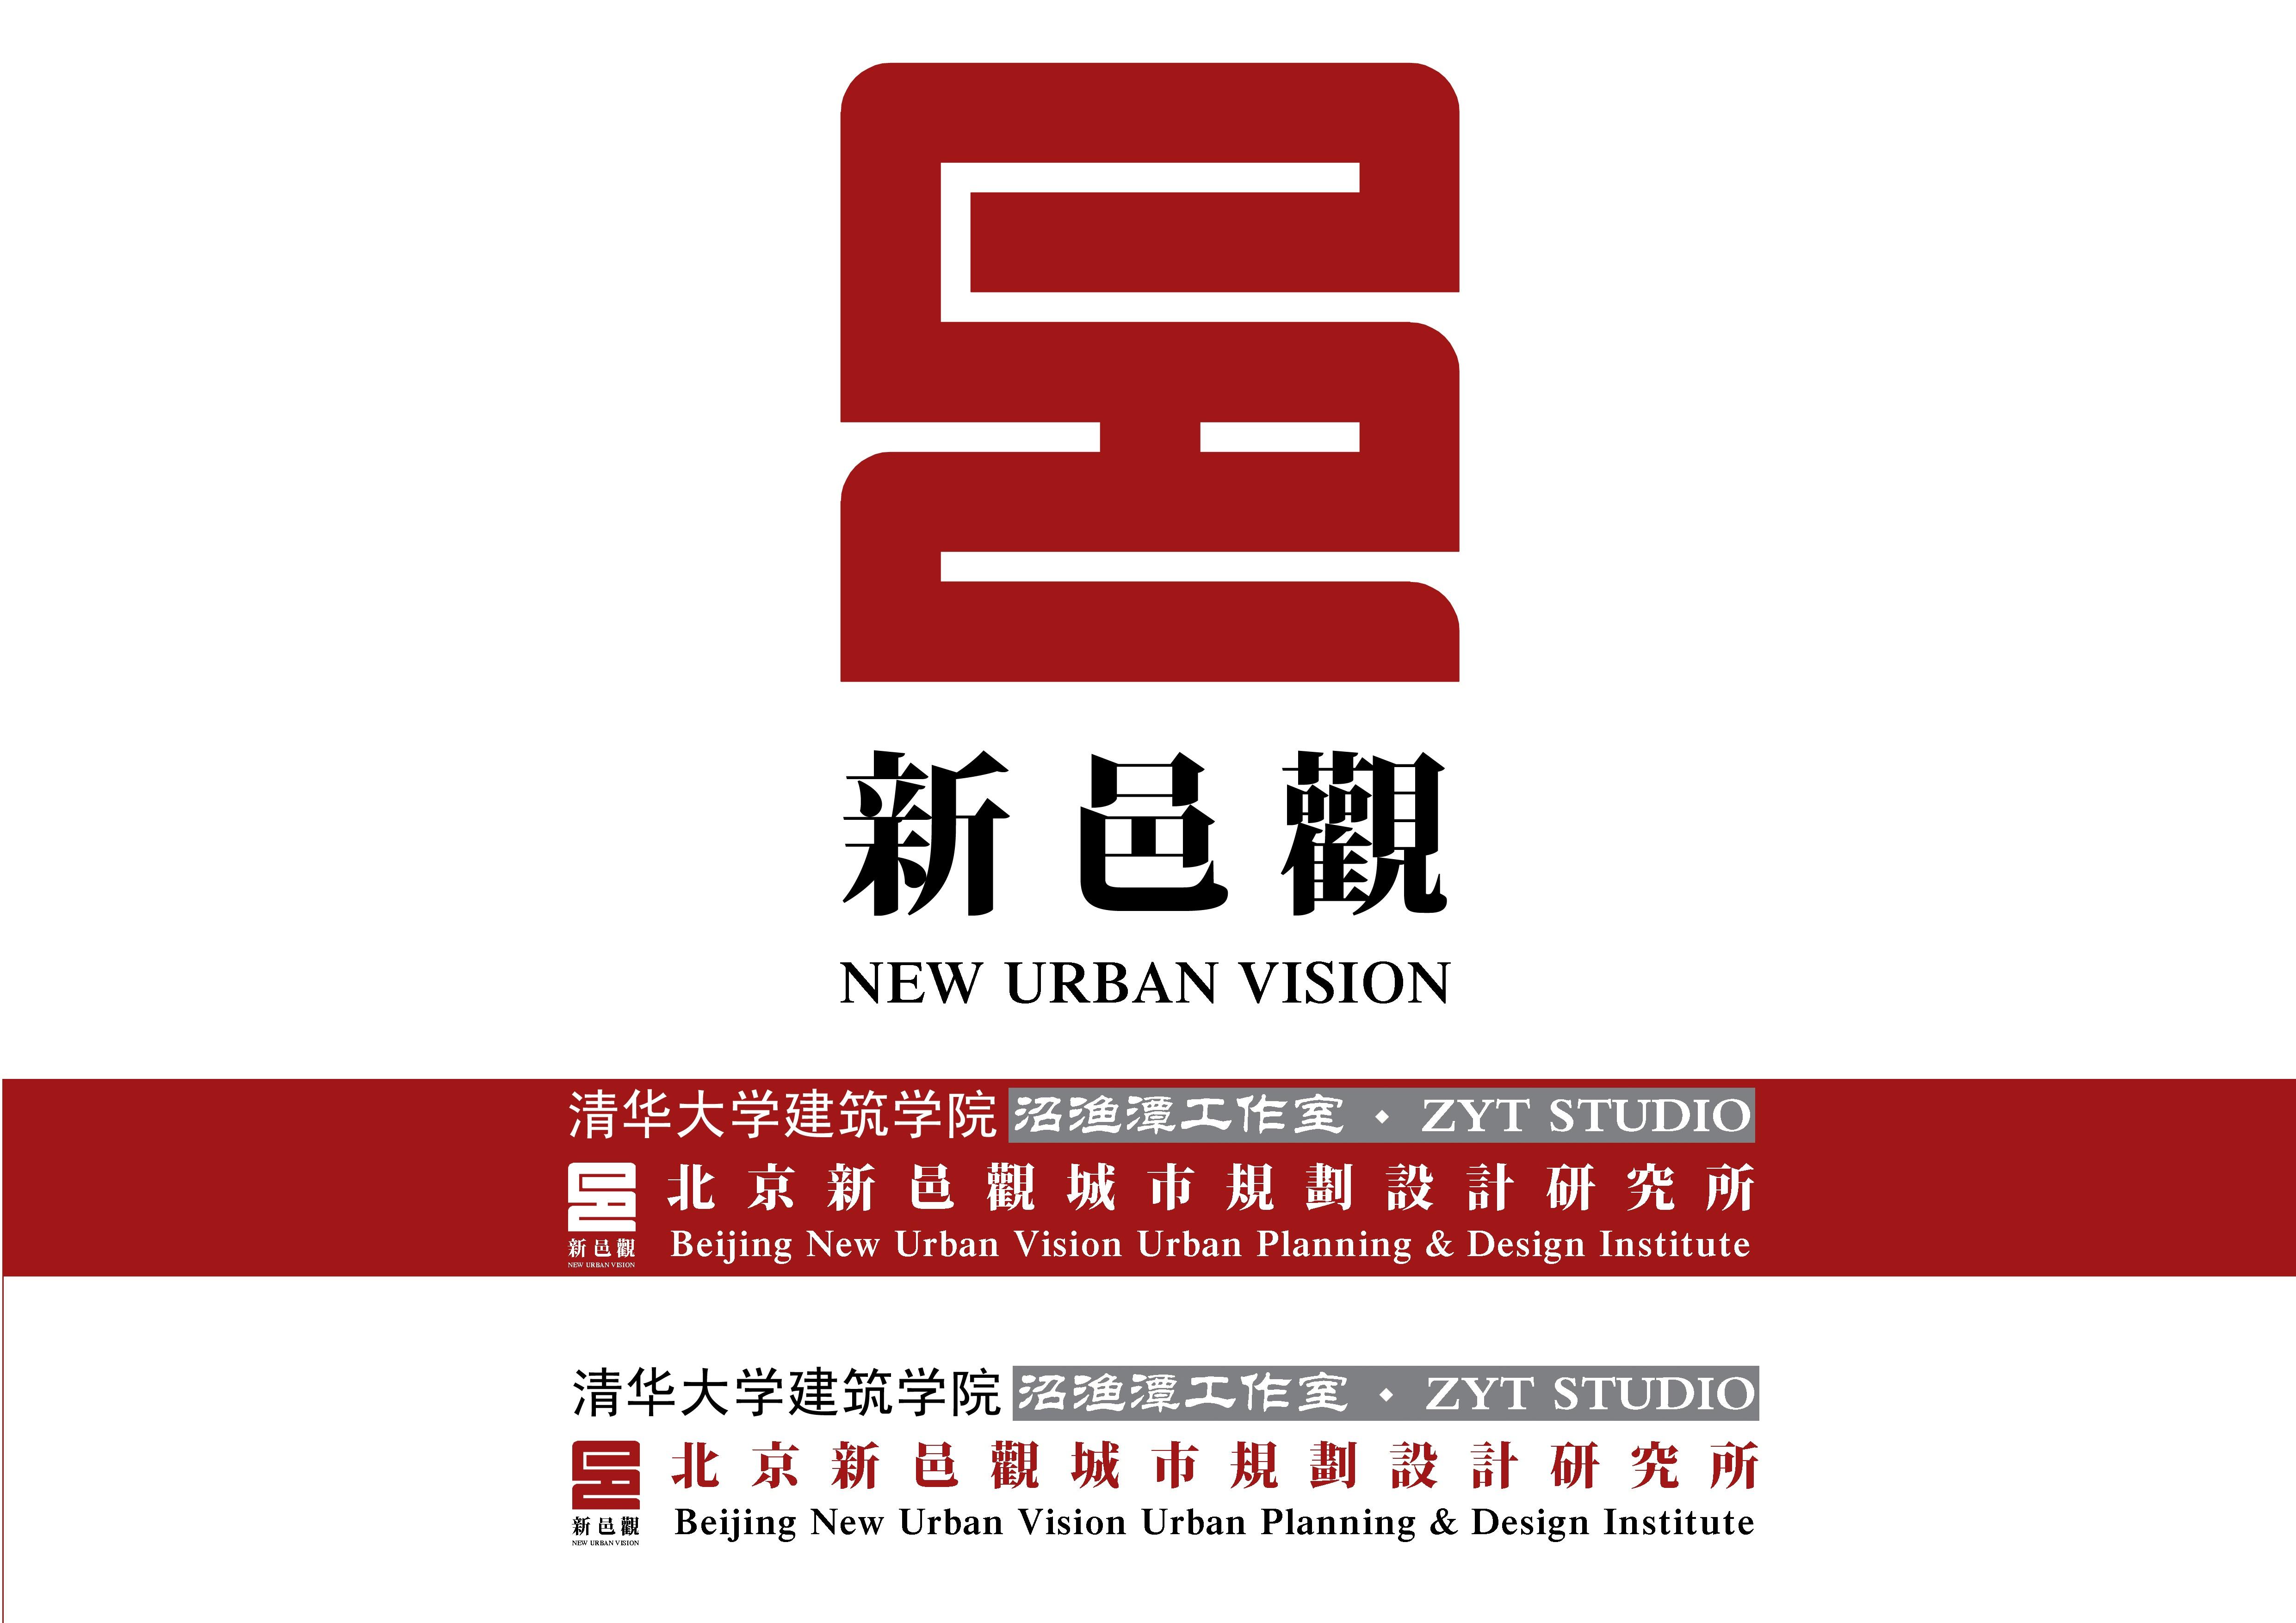 北京新邑观城市规划设计研究所